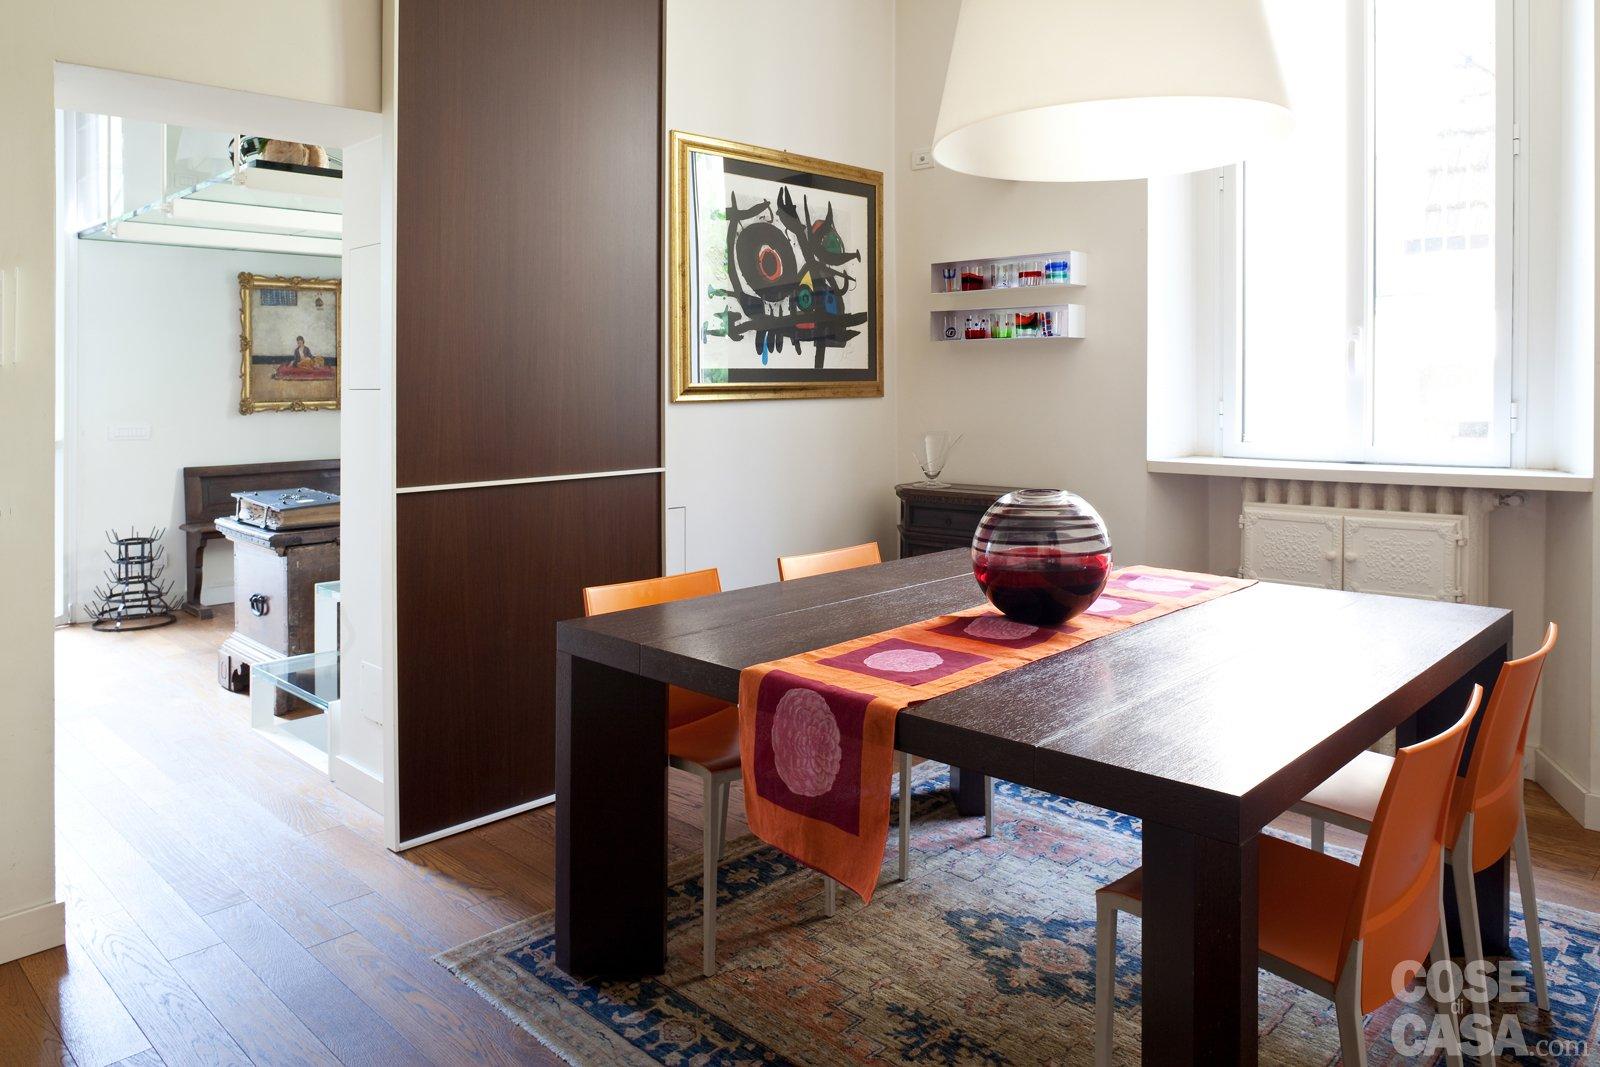 70 mq casa con veranda cose di casa for Sistemare casa